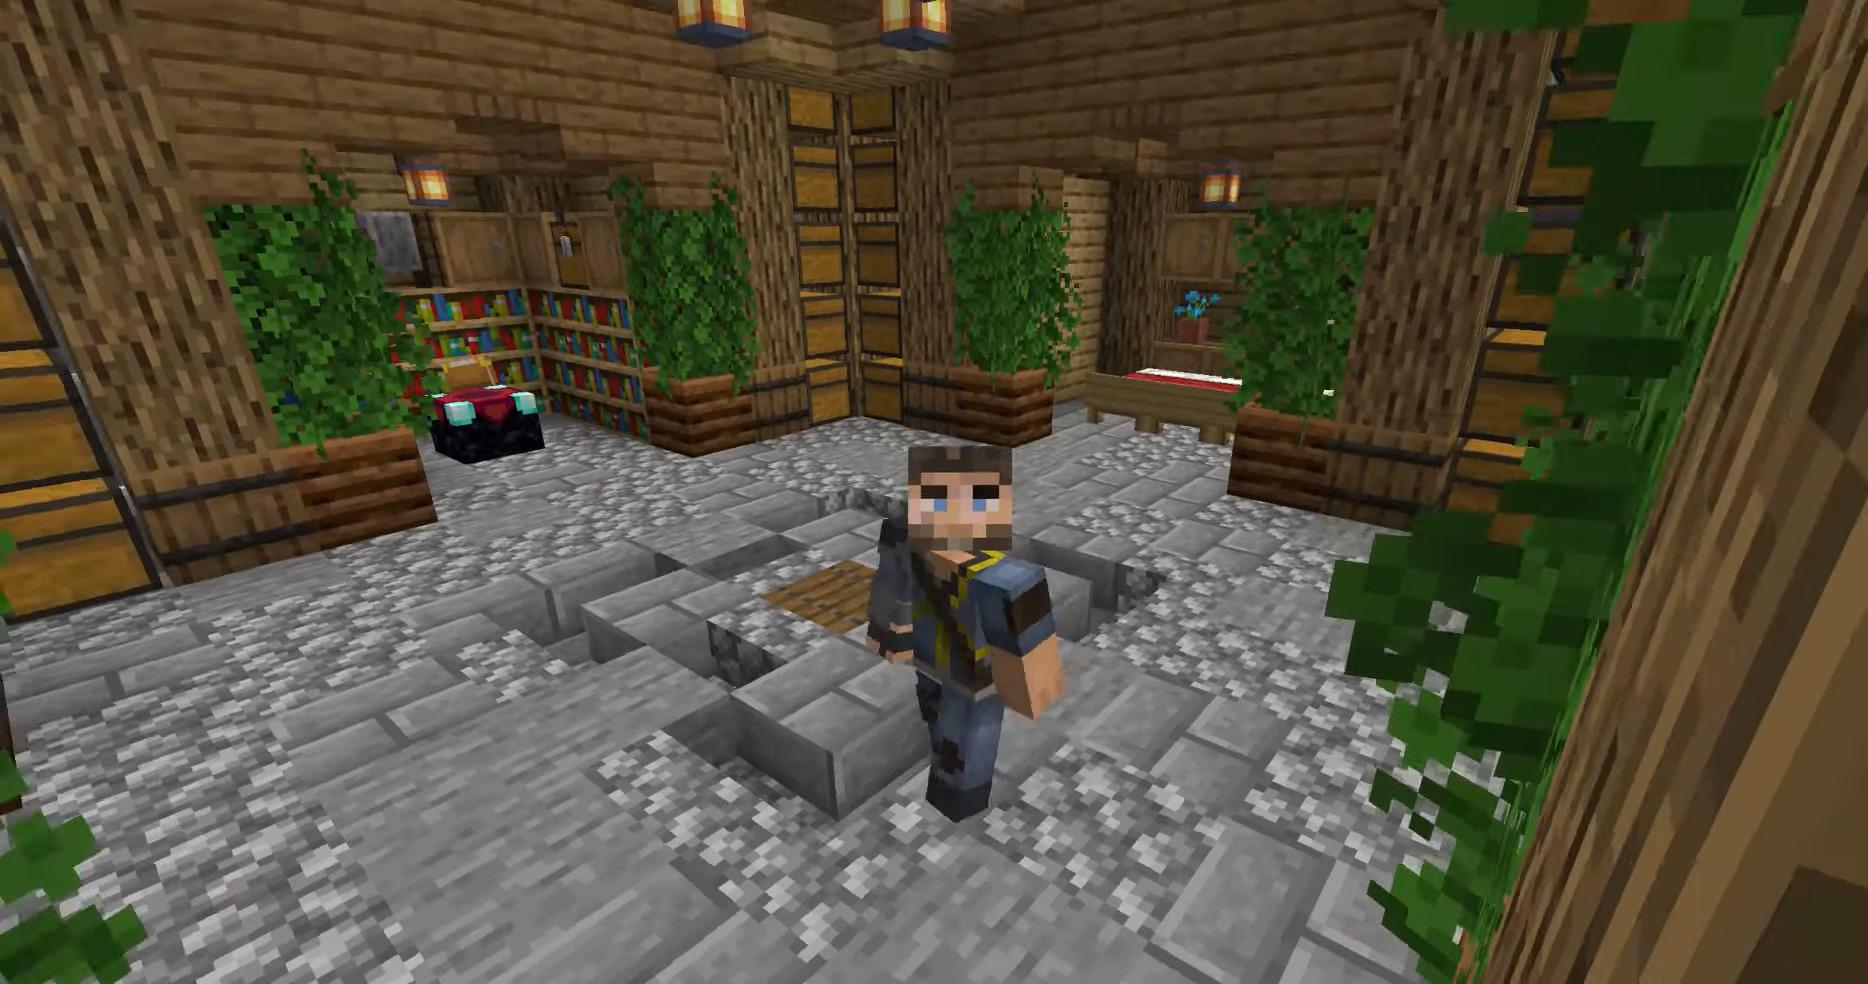 Top 10 Minecraft Best Underground Base | GAMERS DECIDE